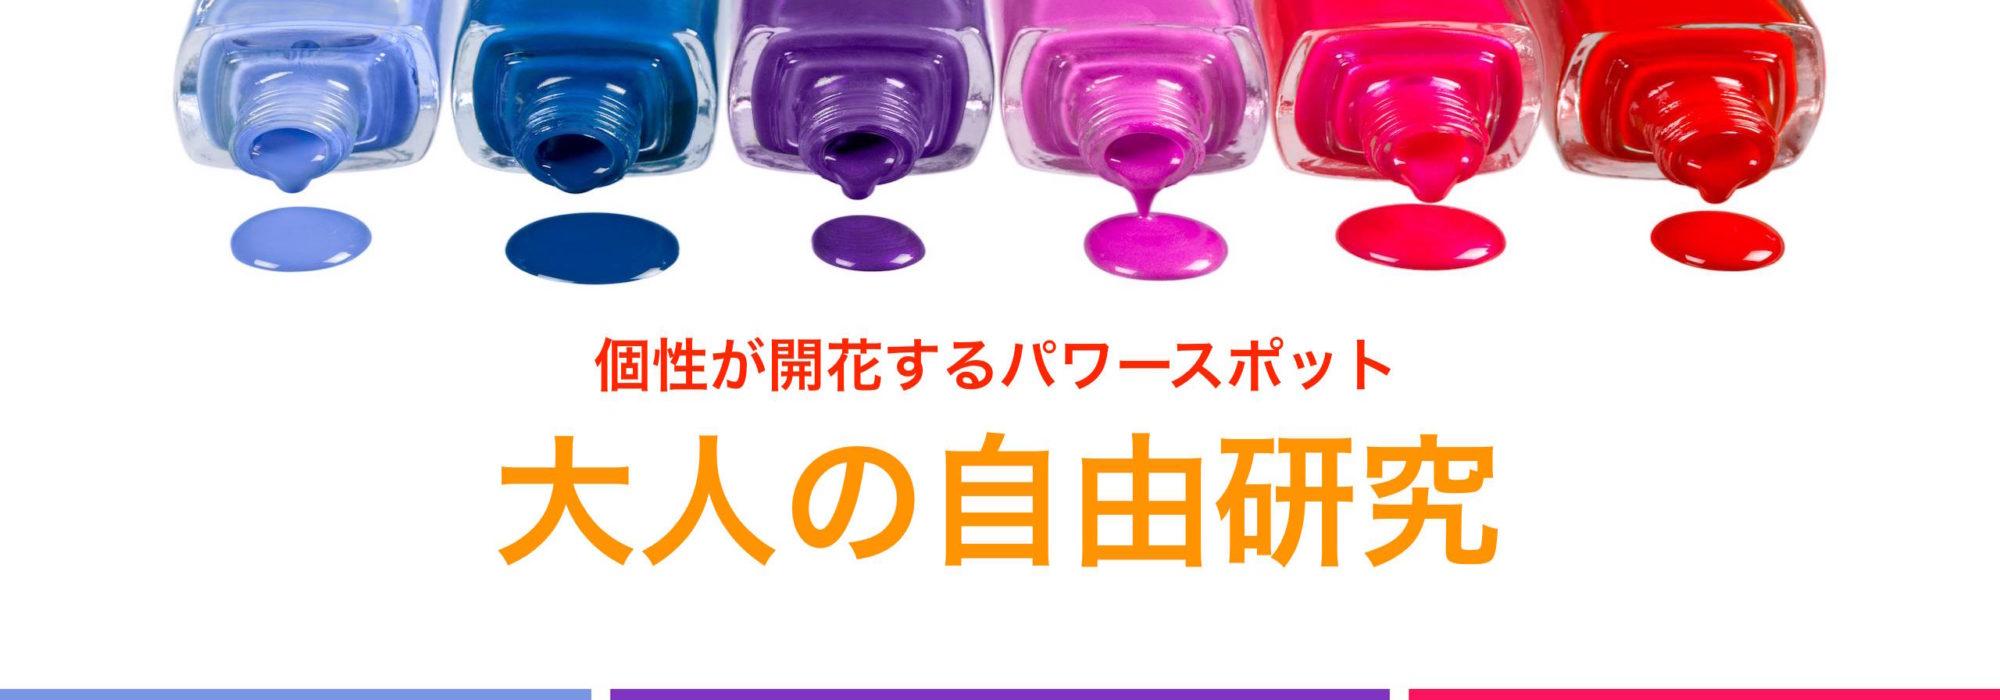 中野美紀子のブログ